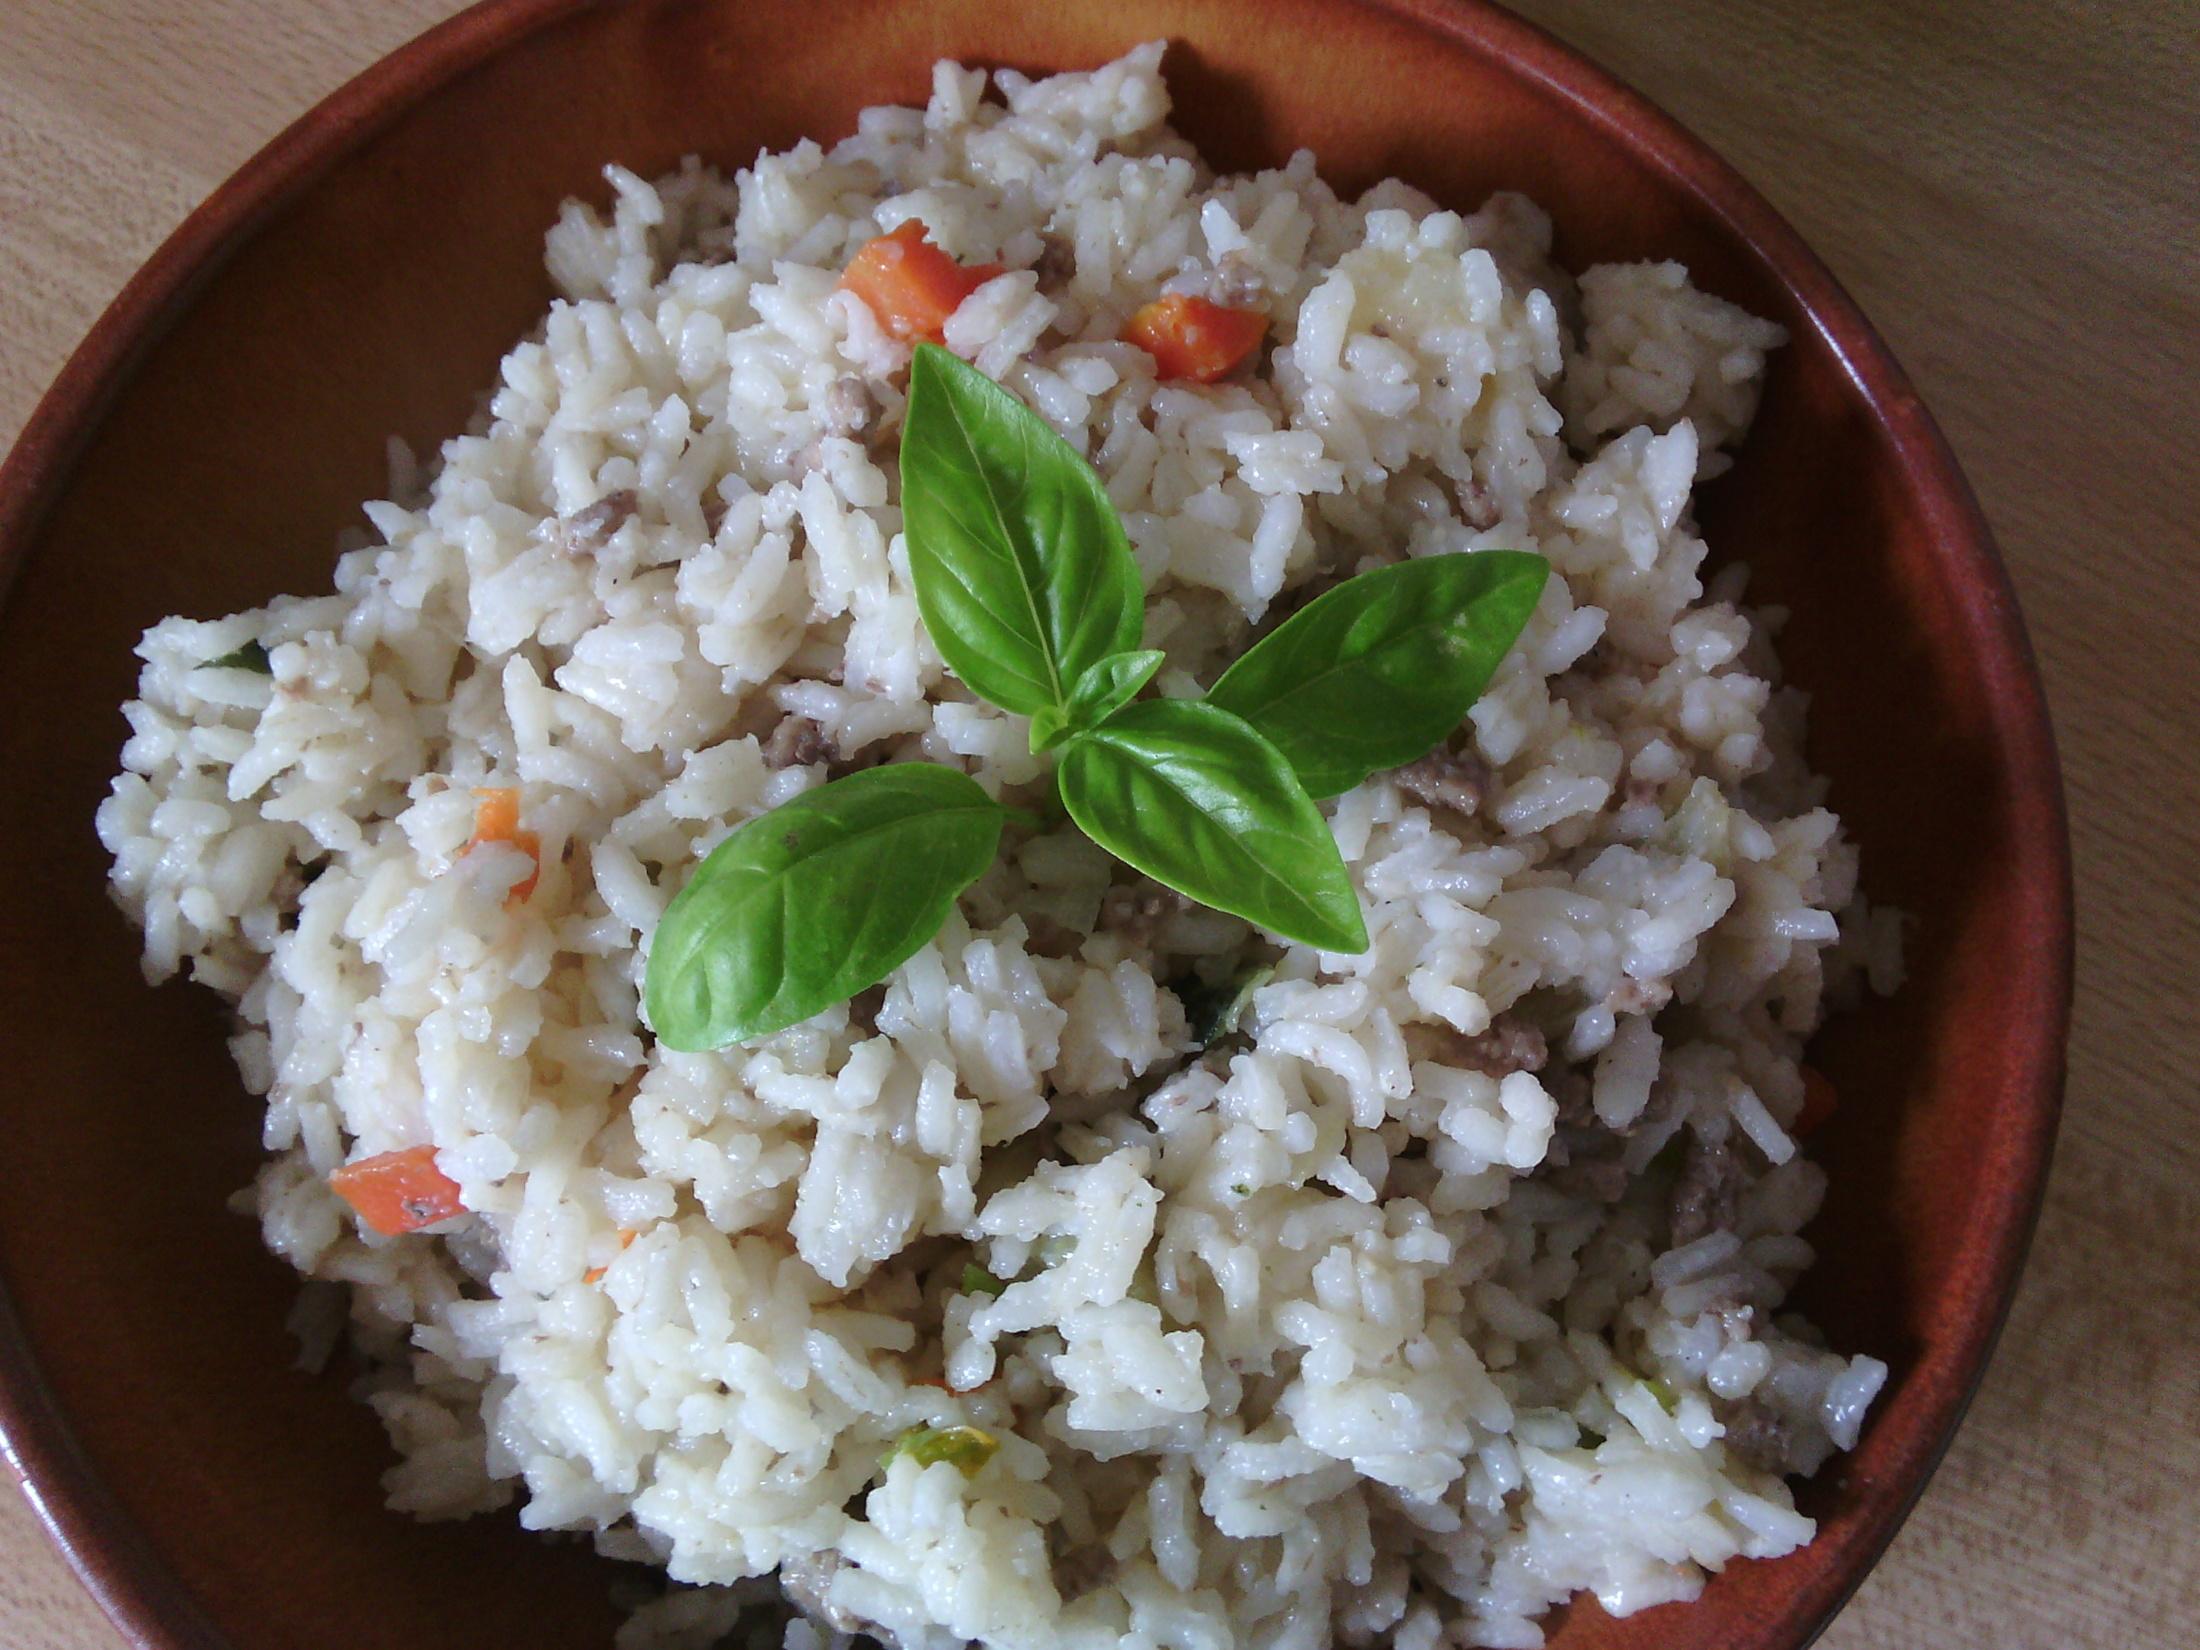 Chutná rýže s mletým masem